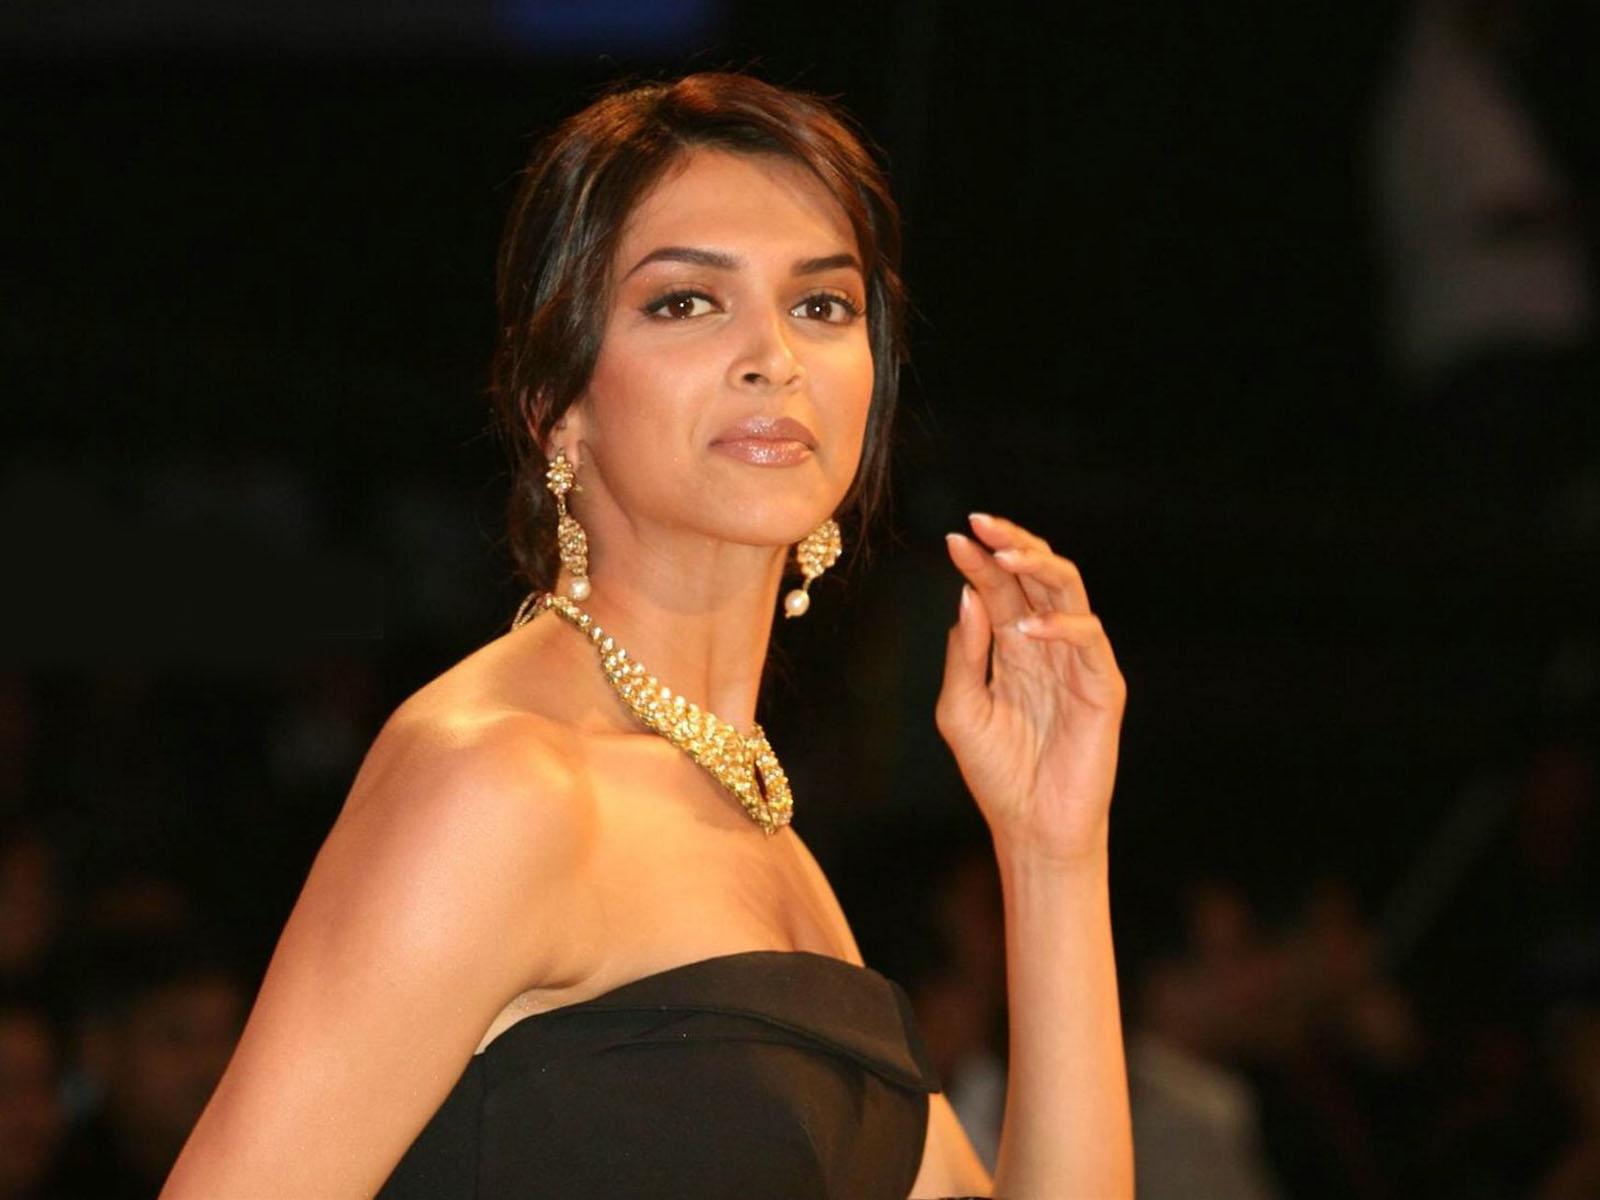 Er Deepika Padukone dating Ranveer Singh ny film